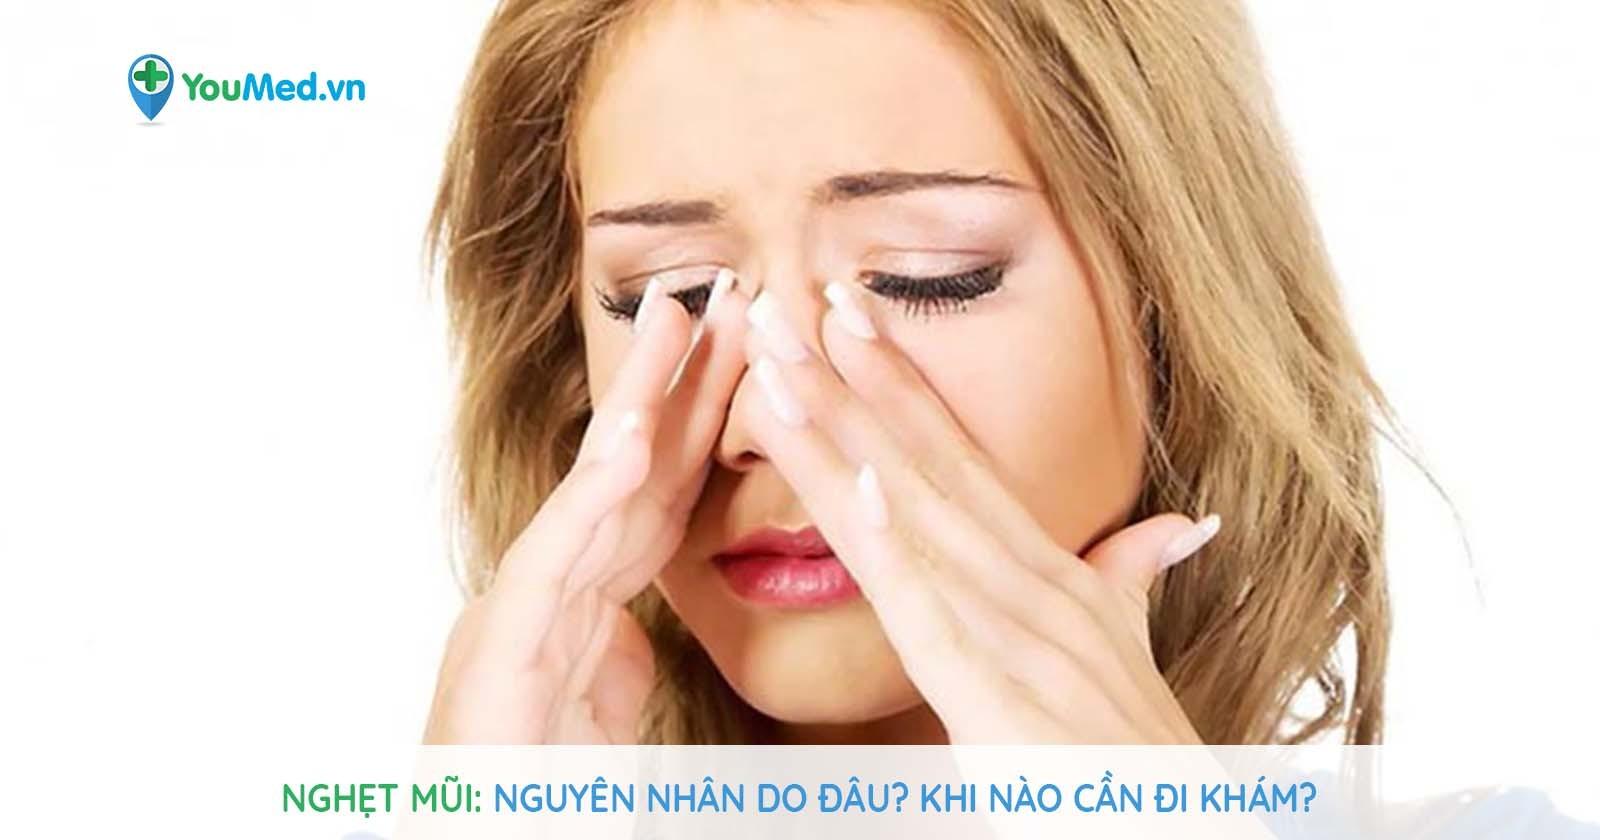 Nghẹt mũi: Nguyên nhân do đâu? Khi nào cần đi khám?